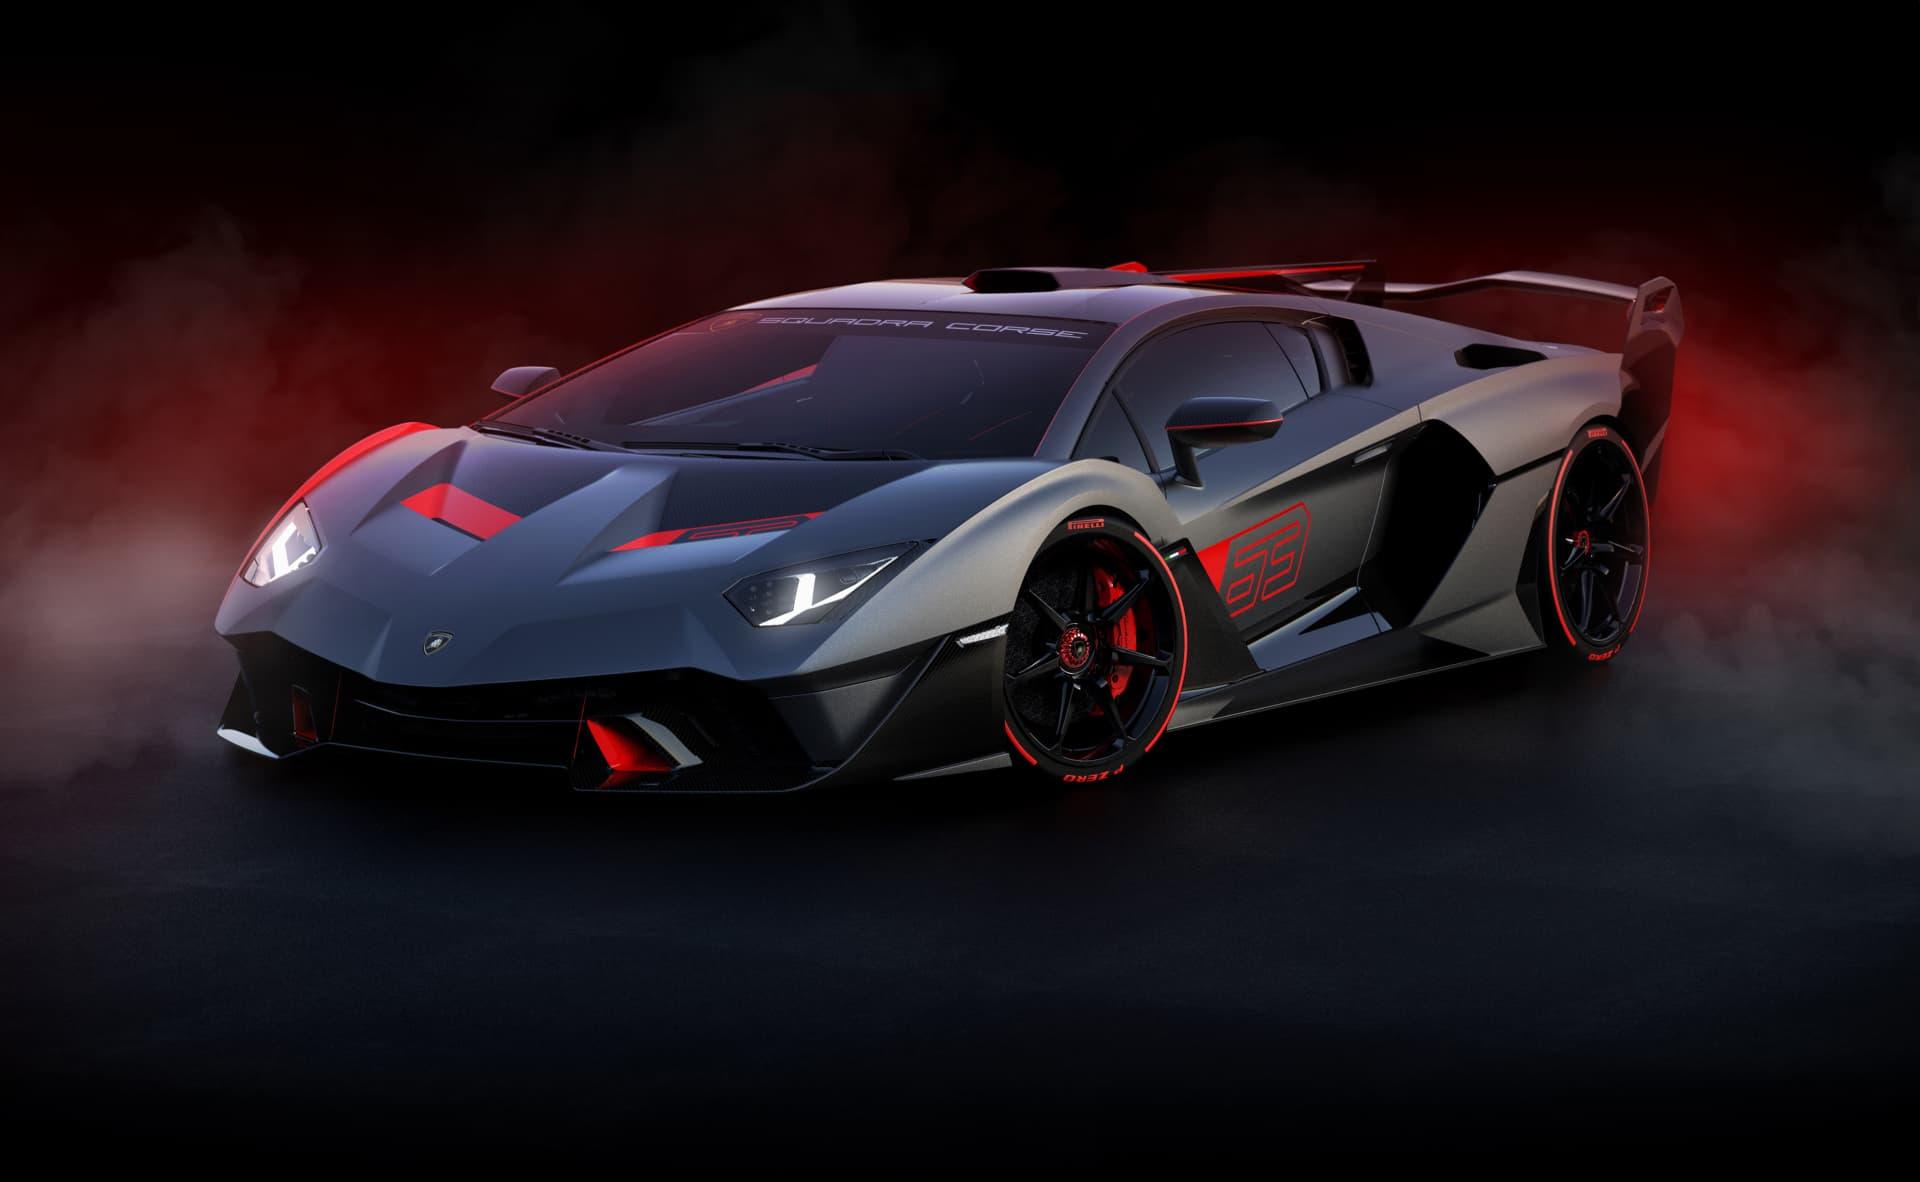 Lamborghini Sc18 Alston El Primer Coche De Carretera Creado Por Squadra Corse Es Un One Off